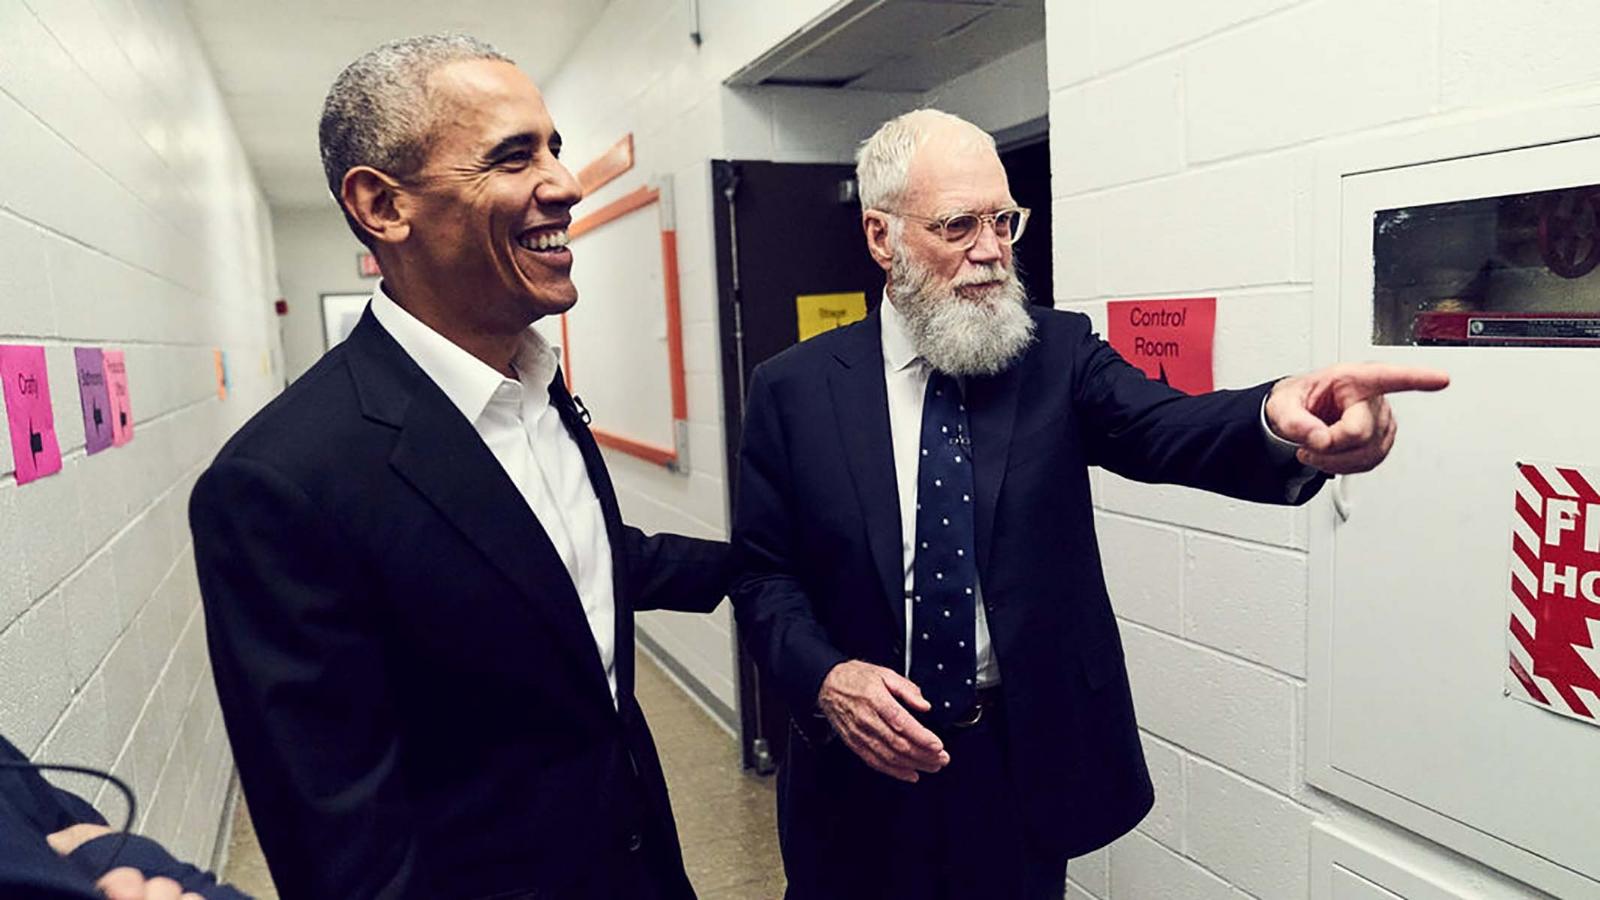 Abrirá con Obama nuevo show de Letterman